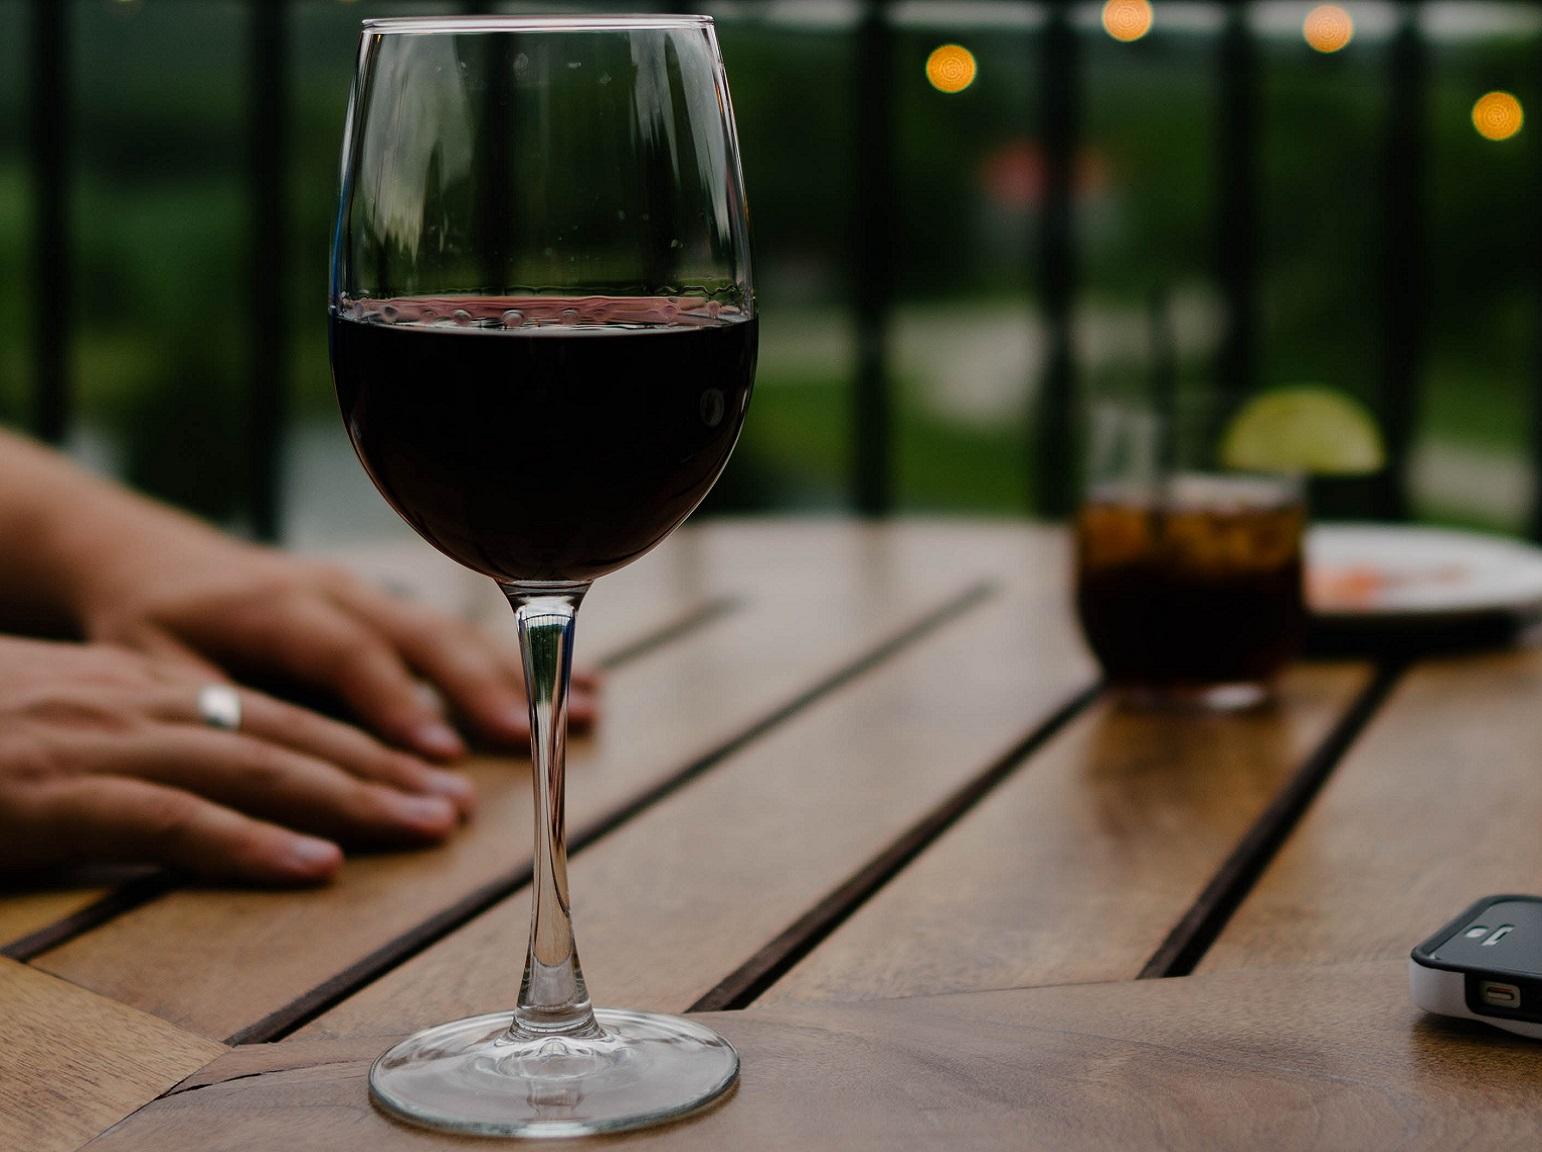 Rode wijn uit kleding